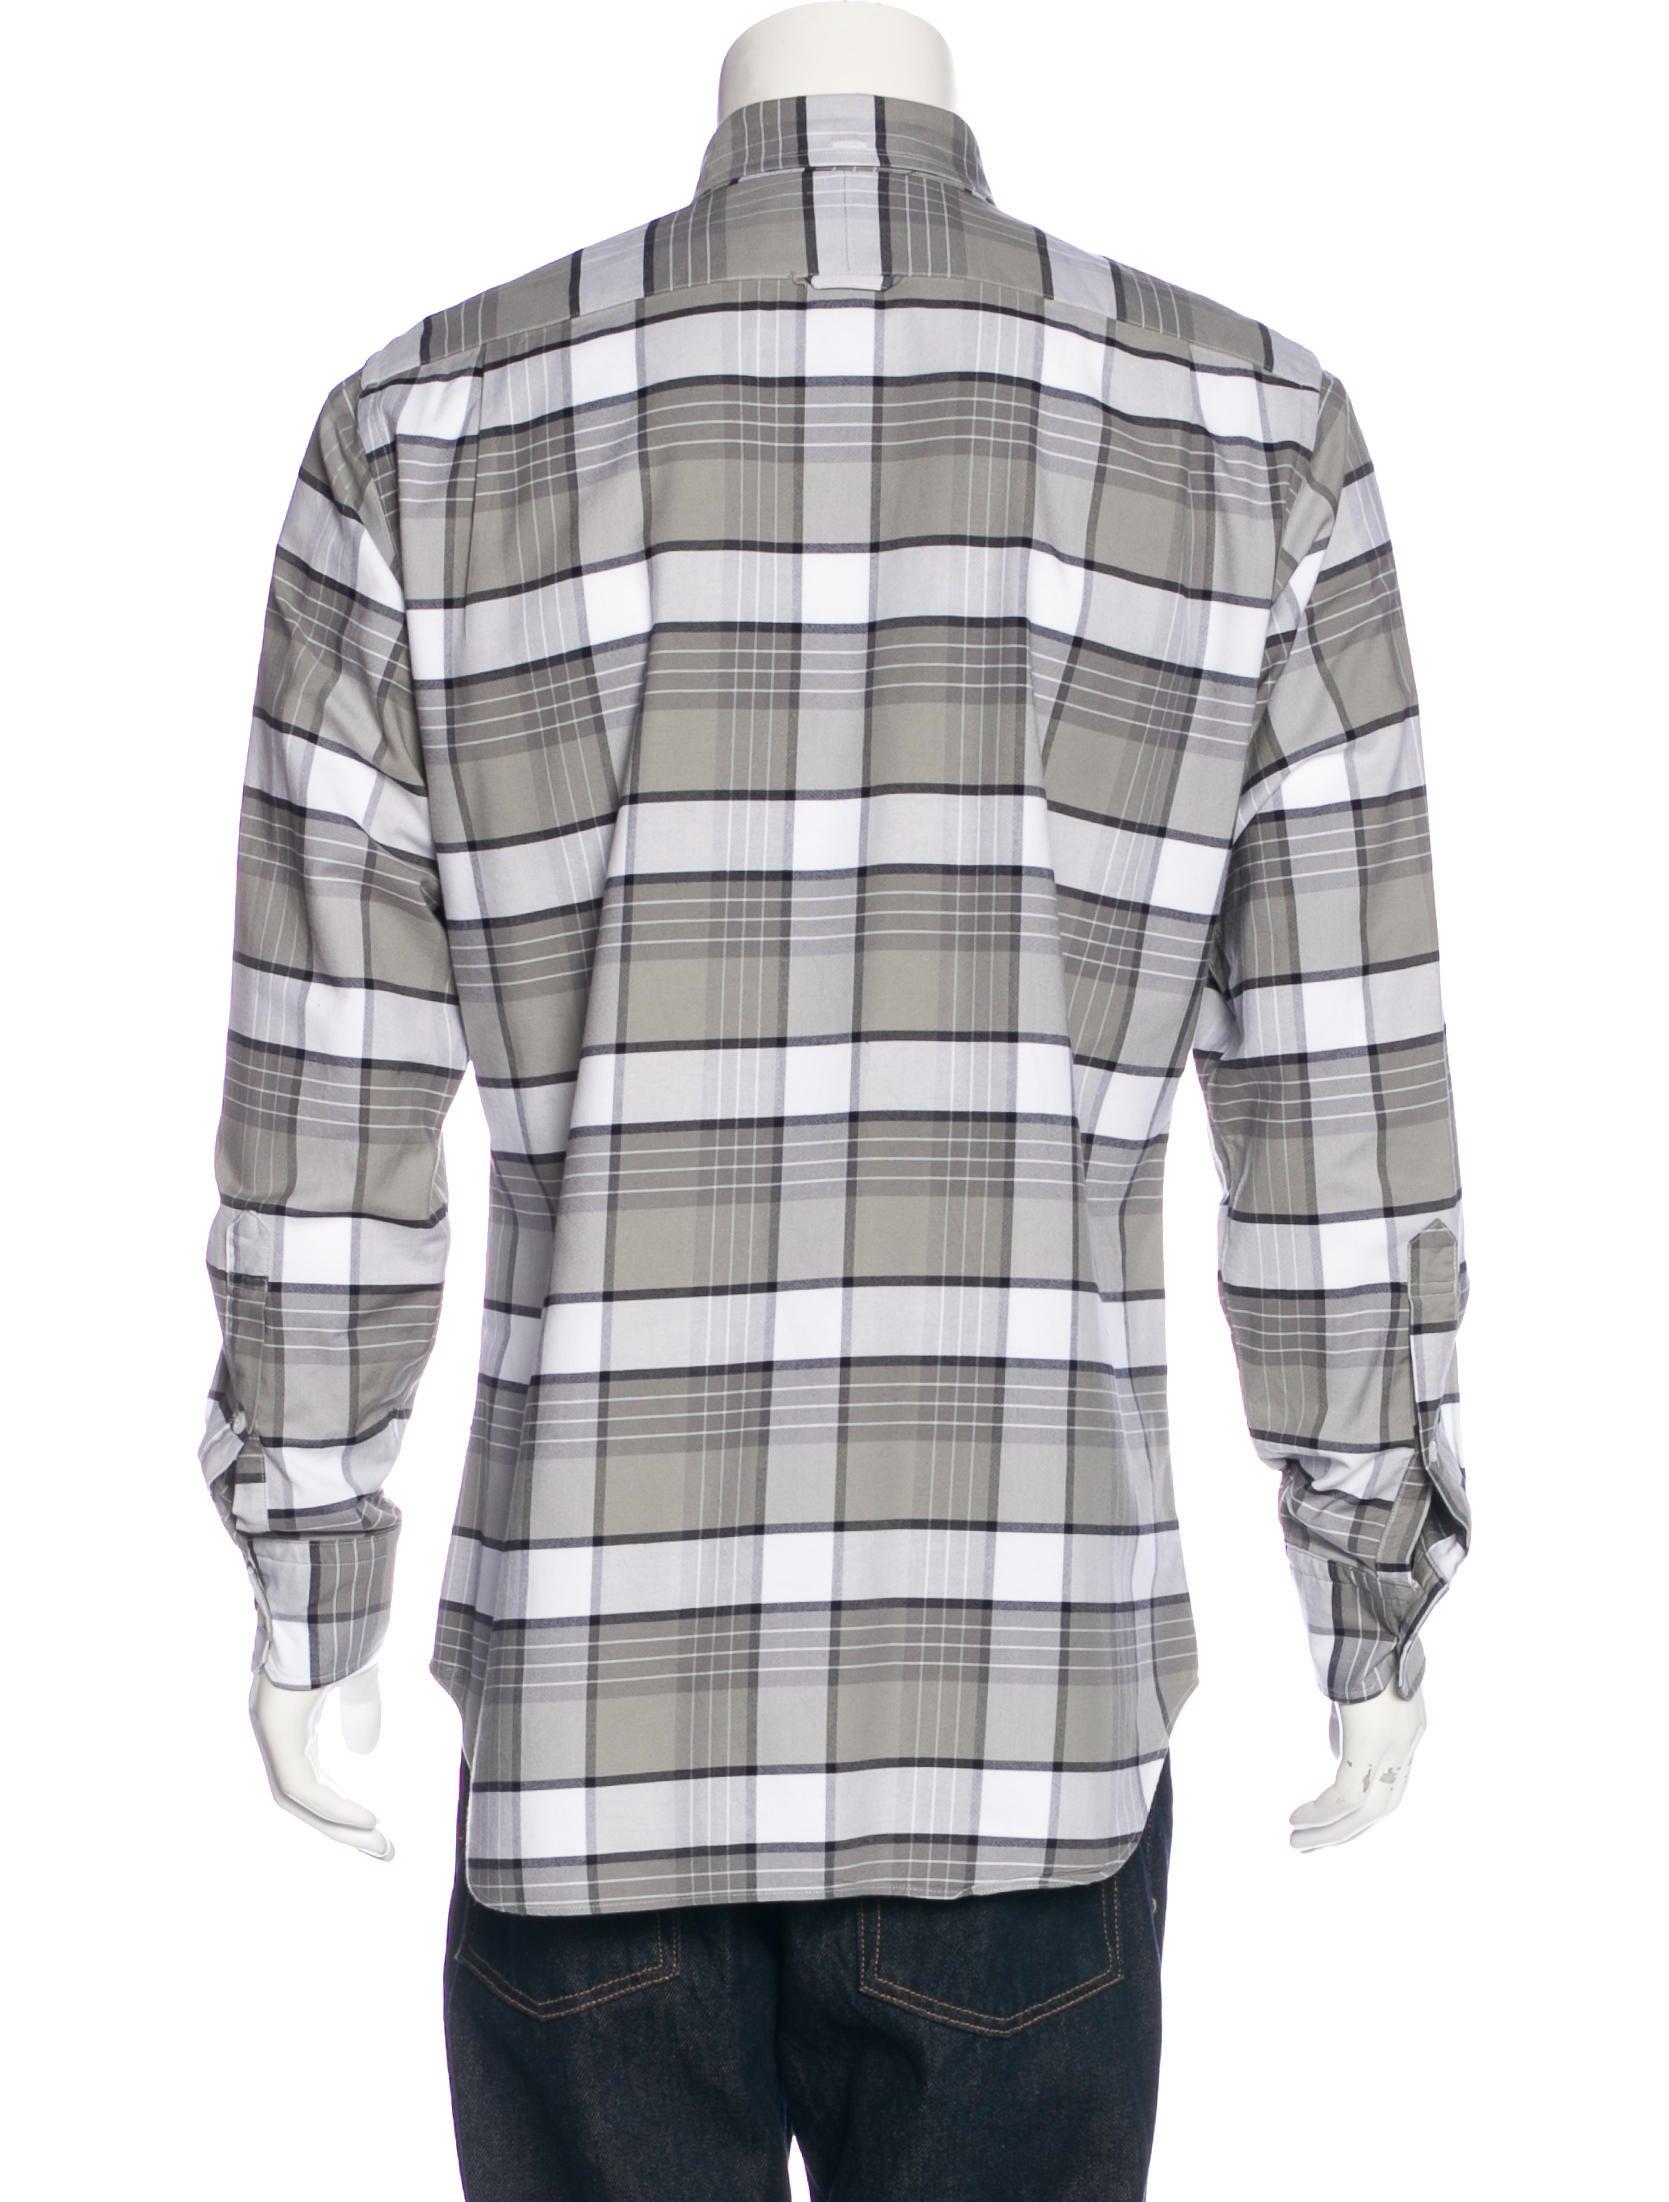 Thom browne plaid oxford shirt clothing tho22116 the for Thom browne shirt sale